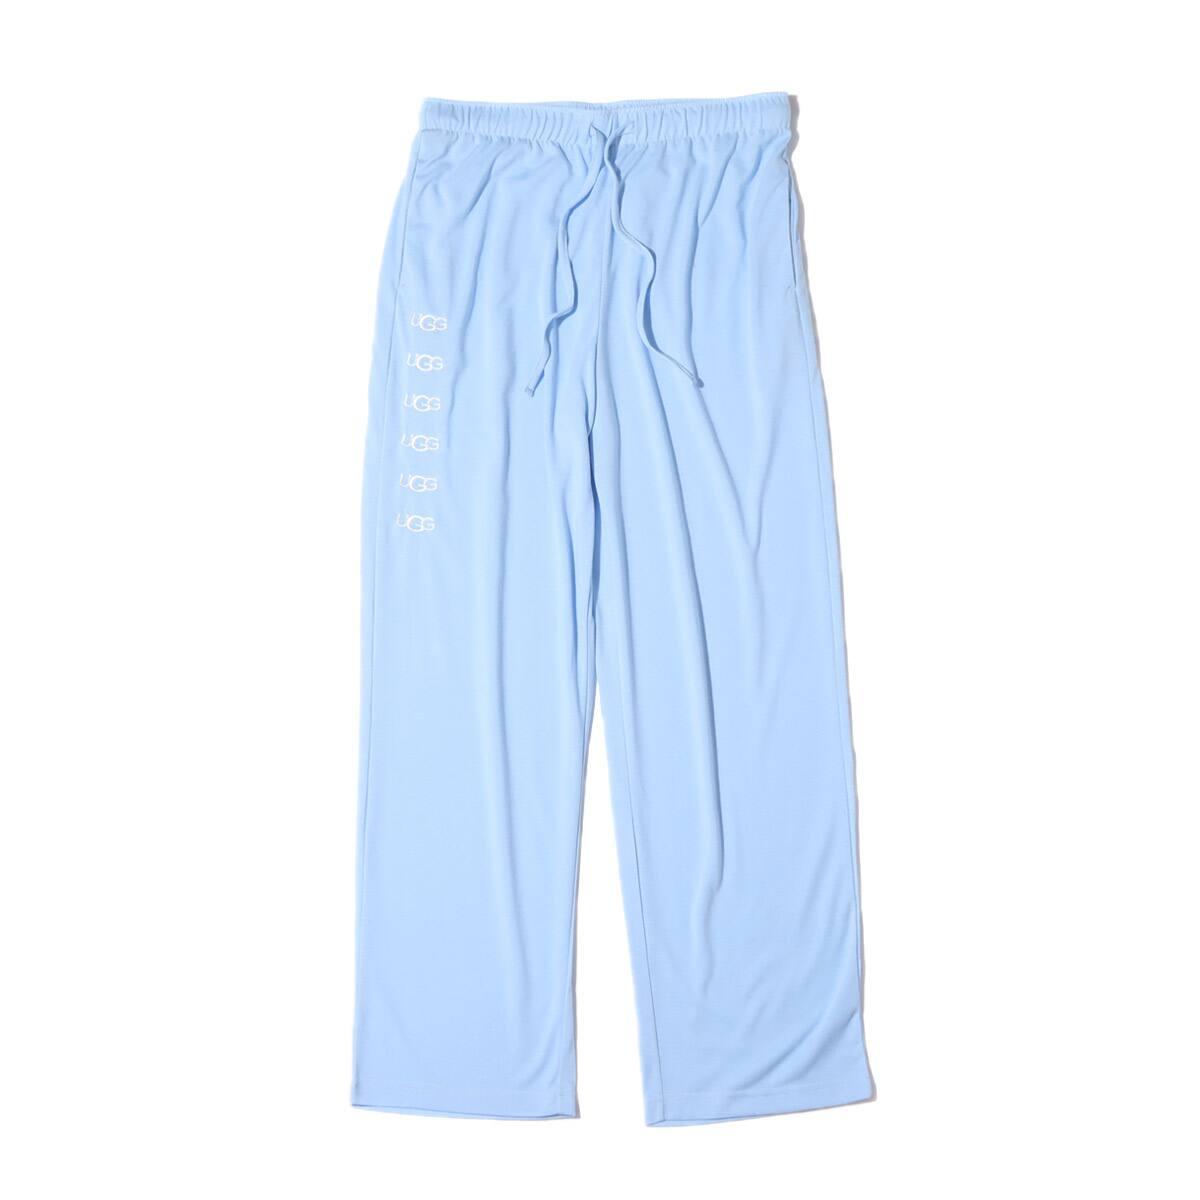 UGG×伊東楓 グラフィック ロングパンツ BLUE 21FW-I_photo_large